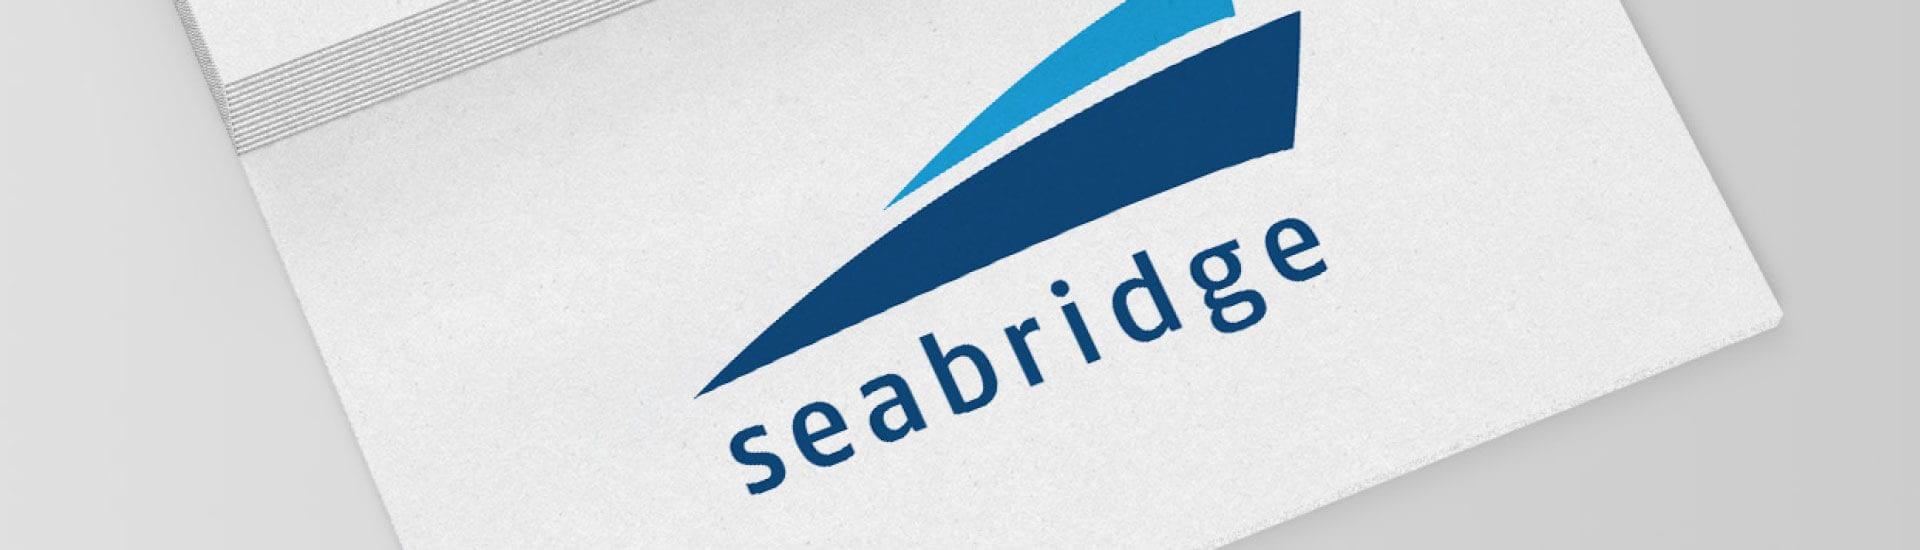 sb_Portfolio_NEW-01-logo_Wide-1920x550